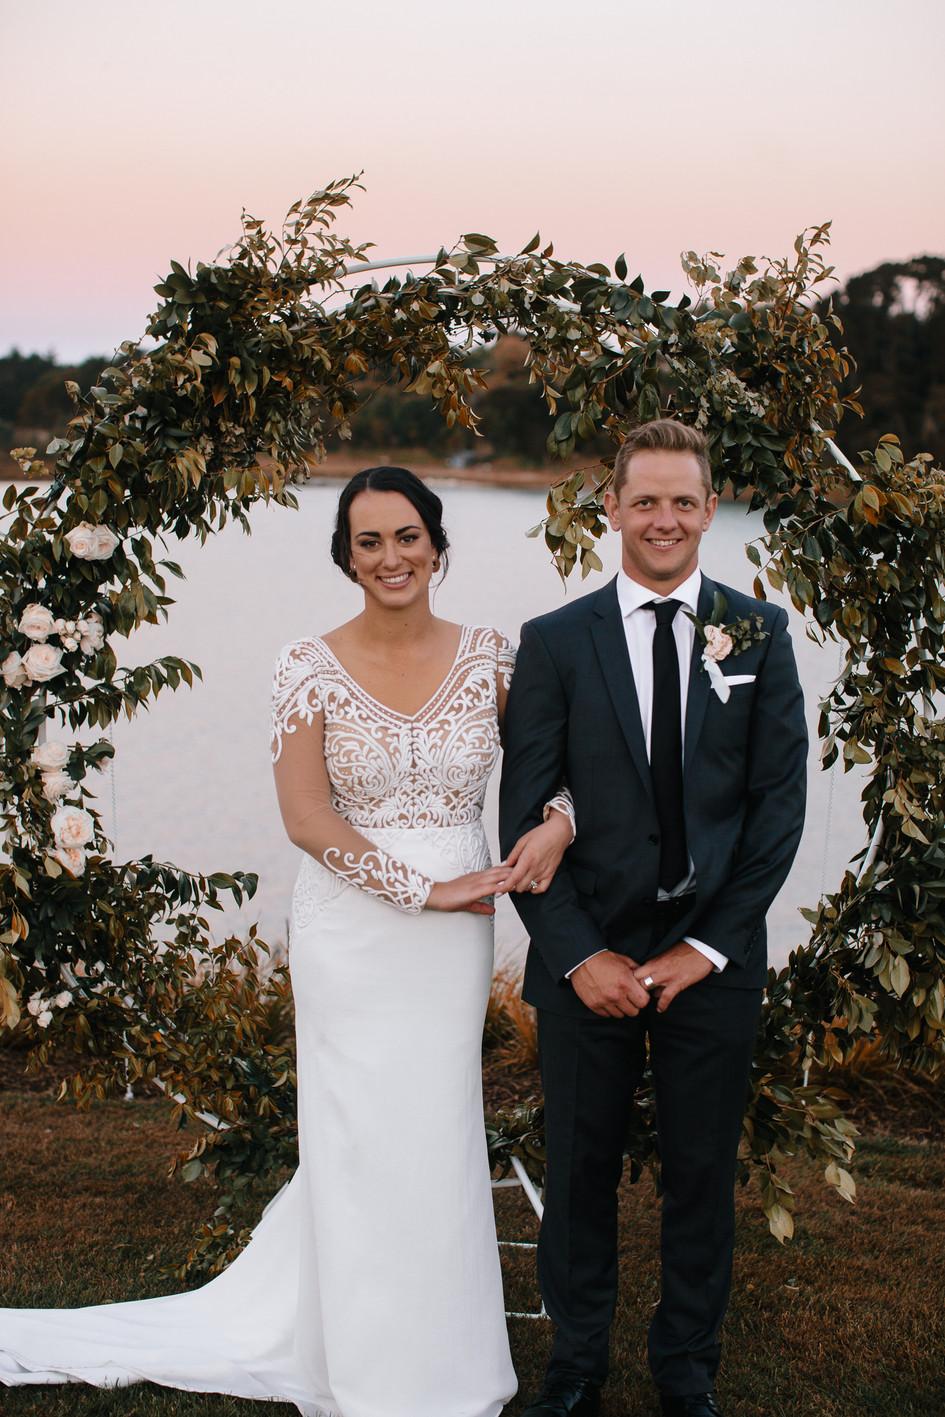 auckland_wedding_planner.jpg